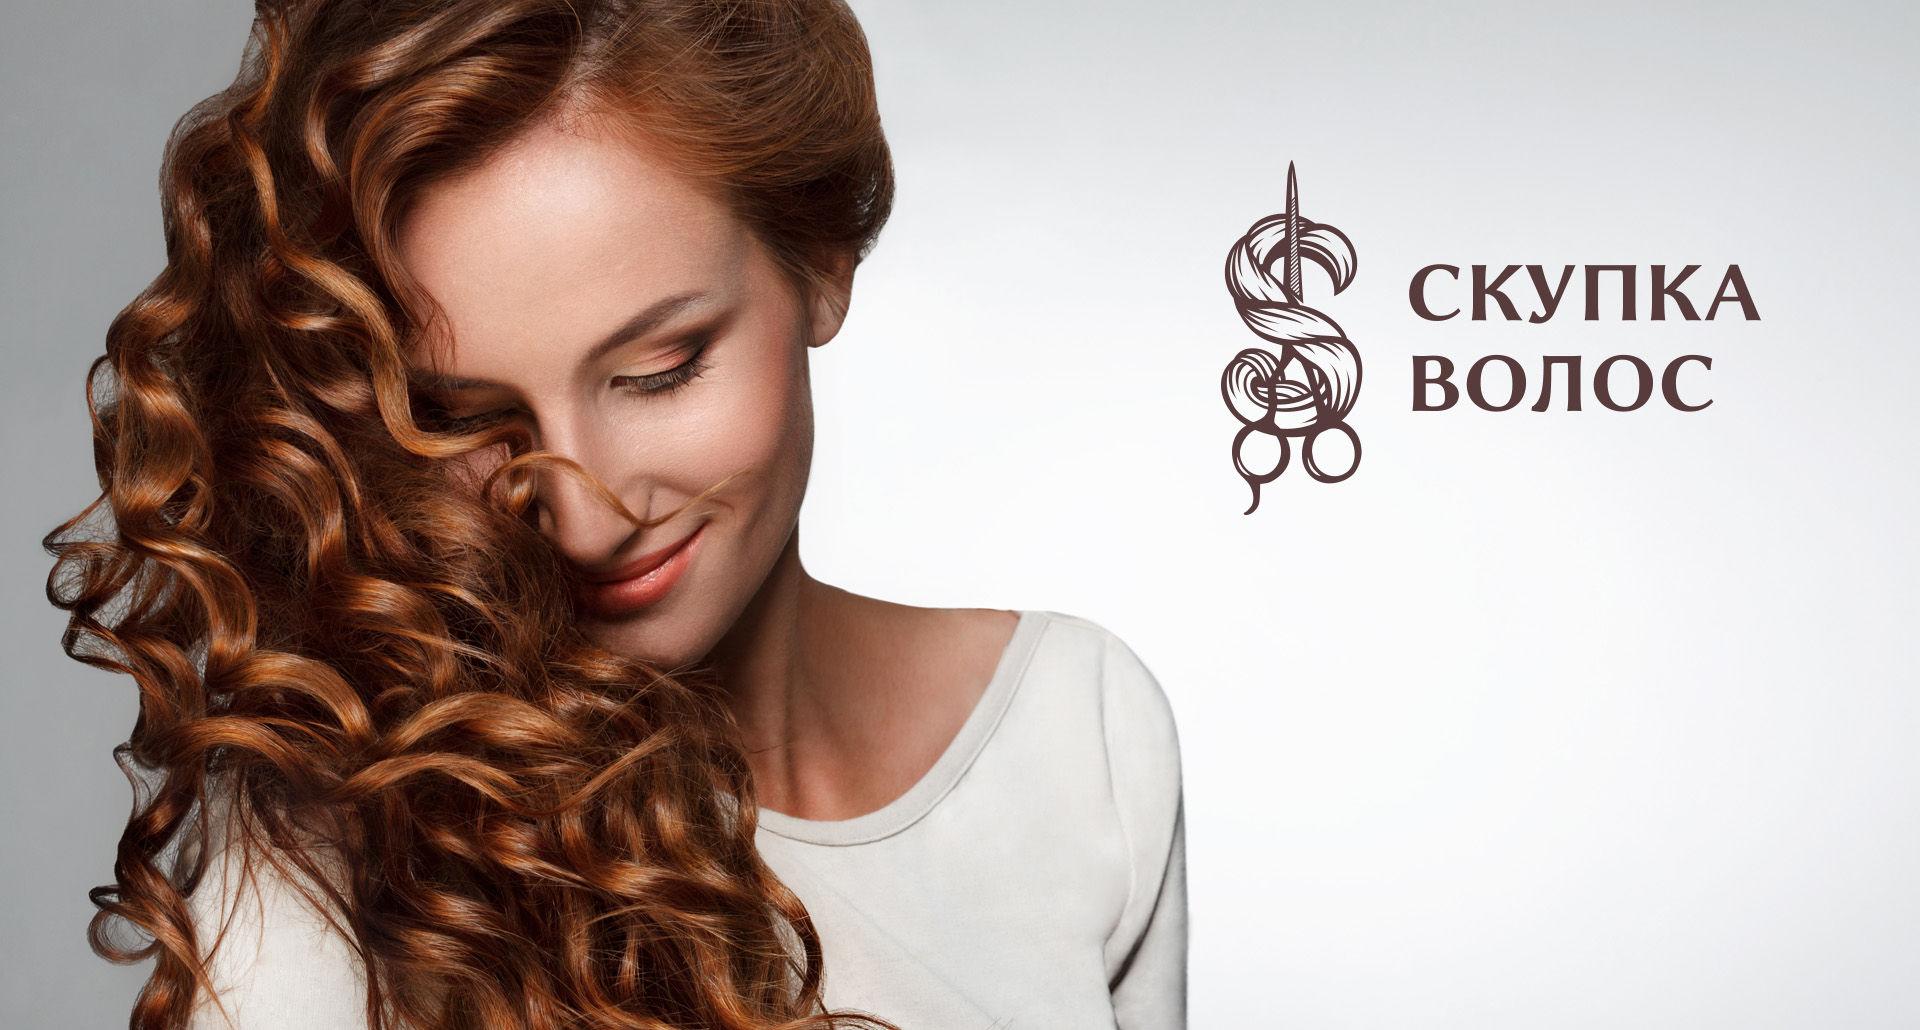 Логотип компании продажи волос